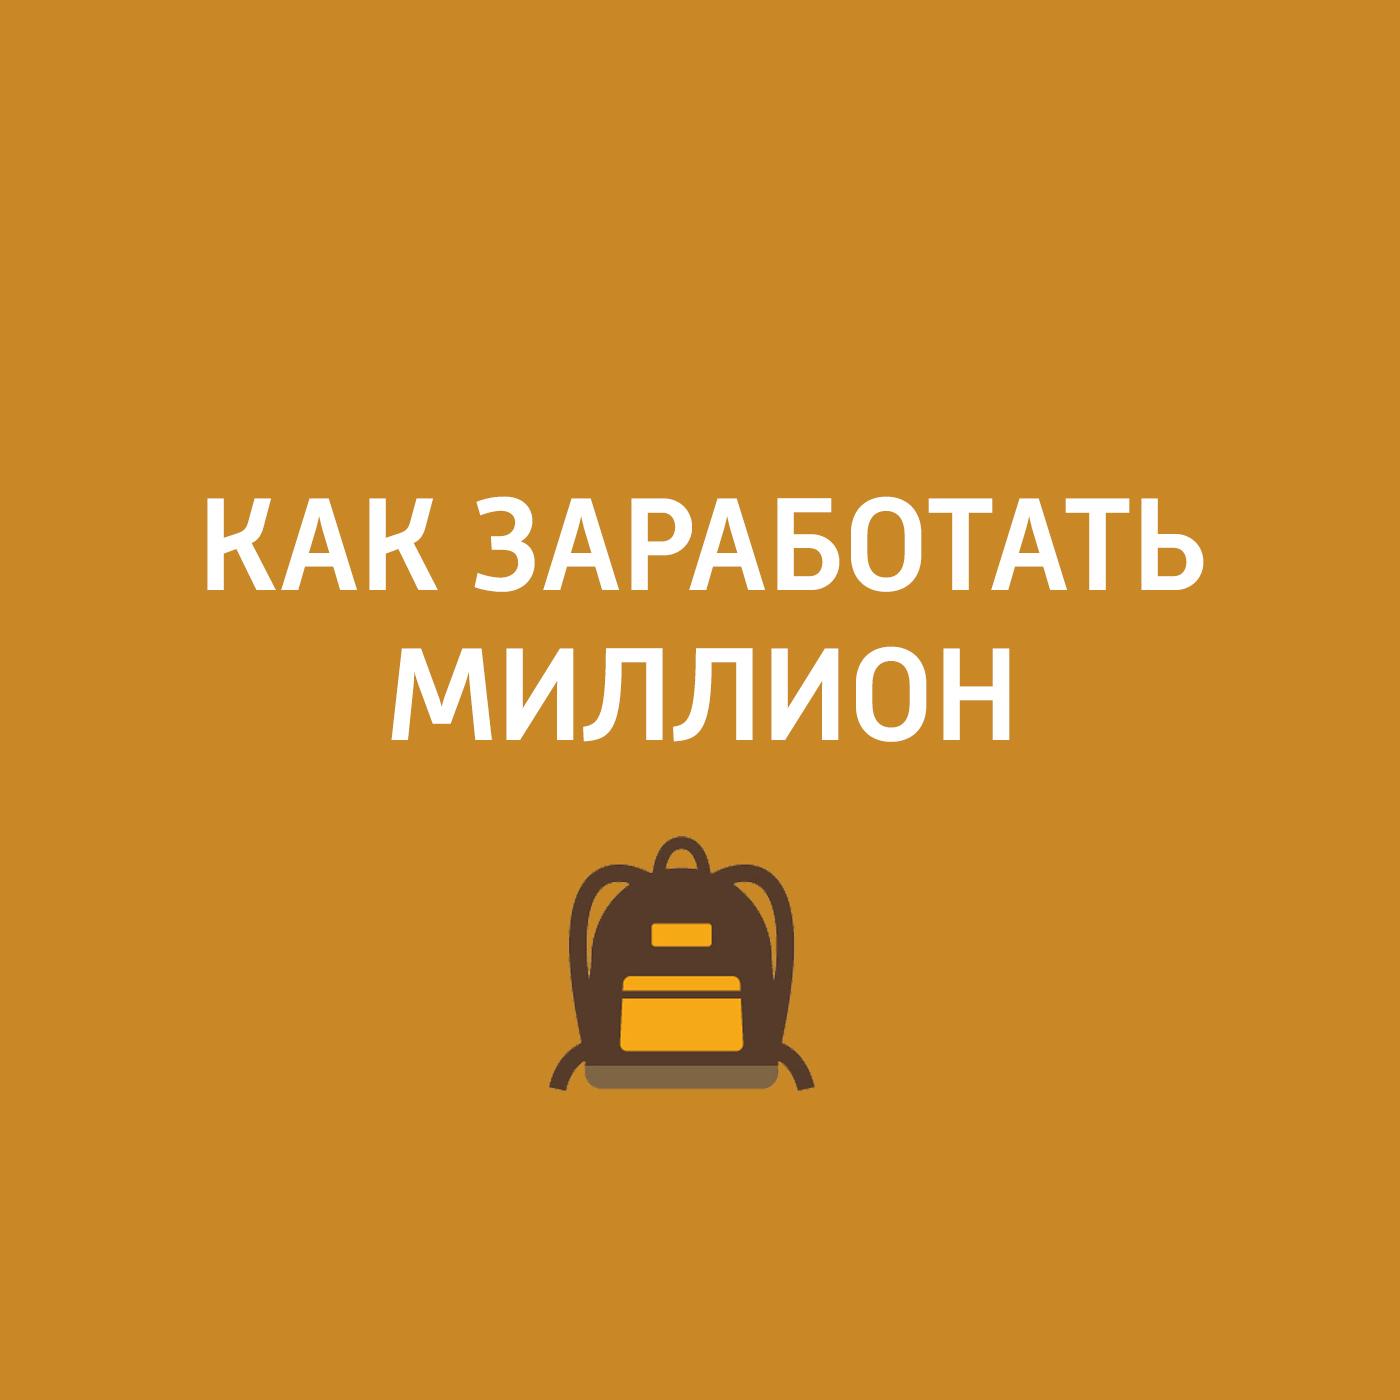 Творческий коллектив шоу «Сергей Стиллавин и его друзья» SaltMakers зайцева и приобретаем и продаем дачу